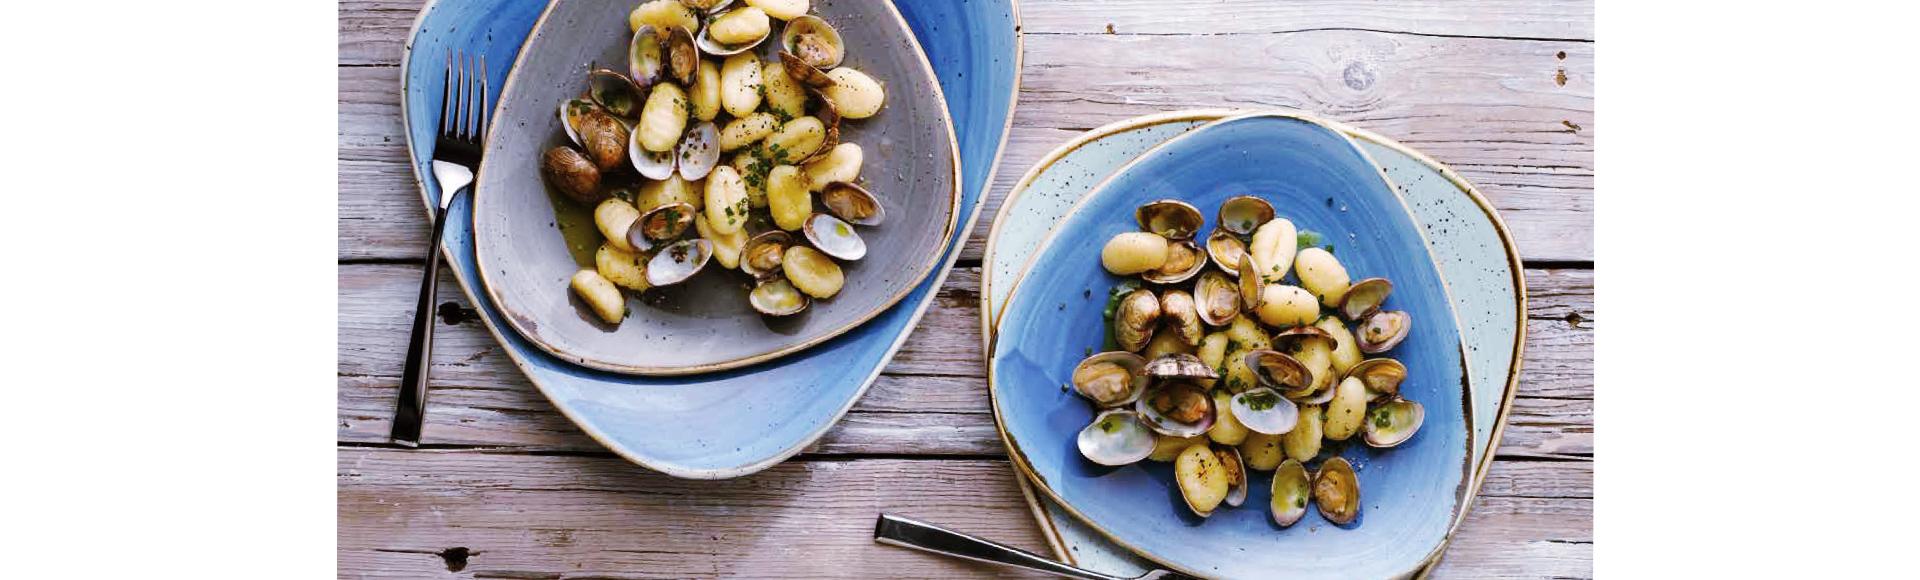 ユニークな形、鮮やかな色、丈夫さを兼ね備えたストーンキャスト(stonecast)の食器は、料理の個性を引き出します。